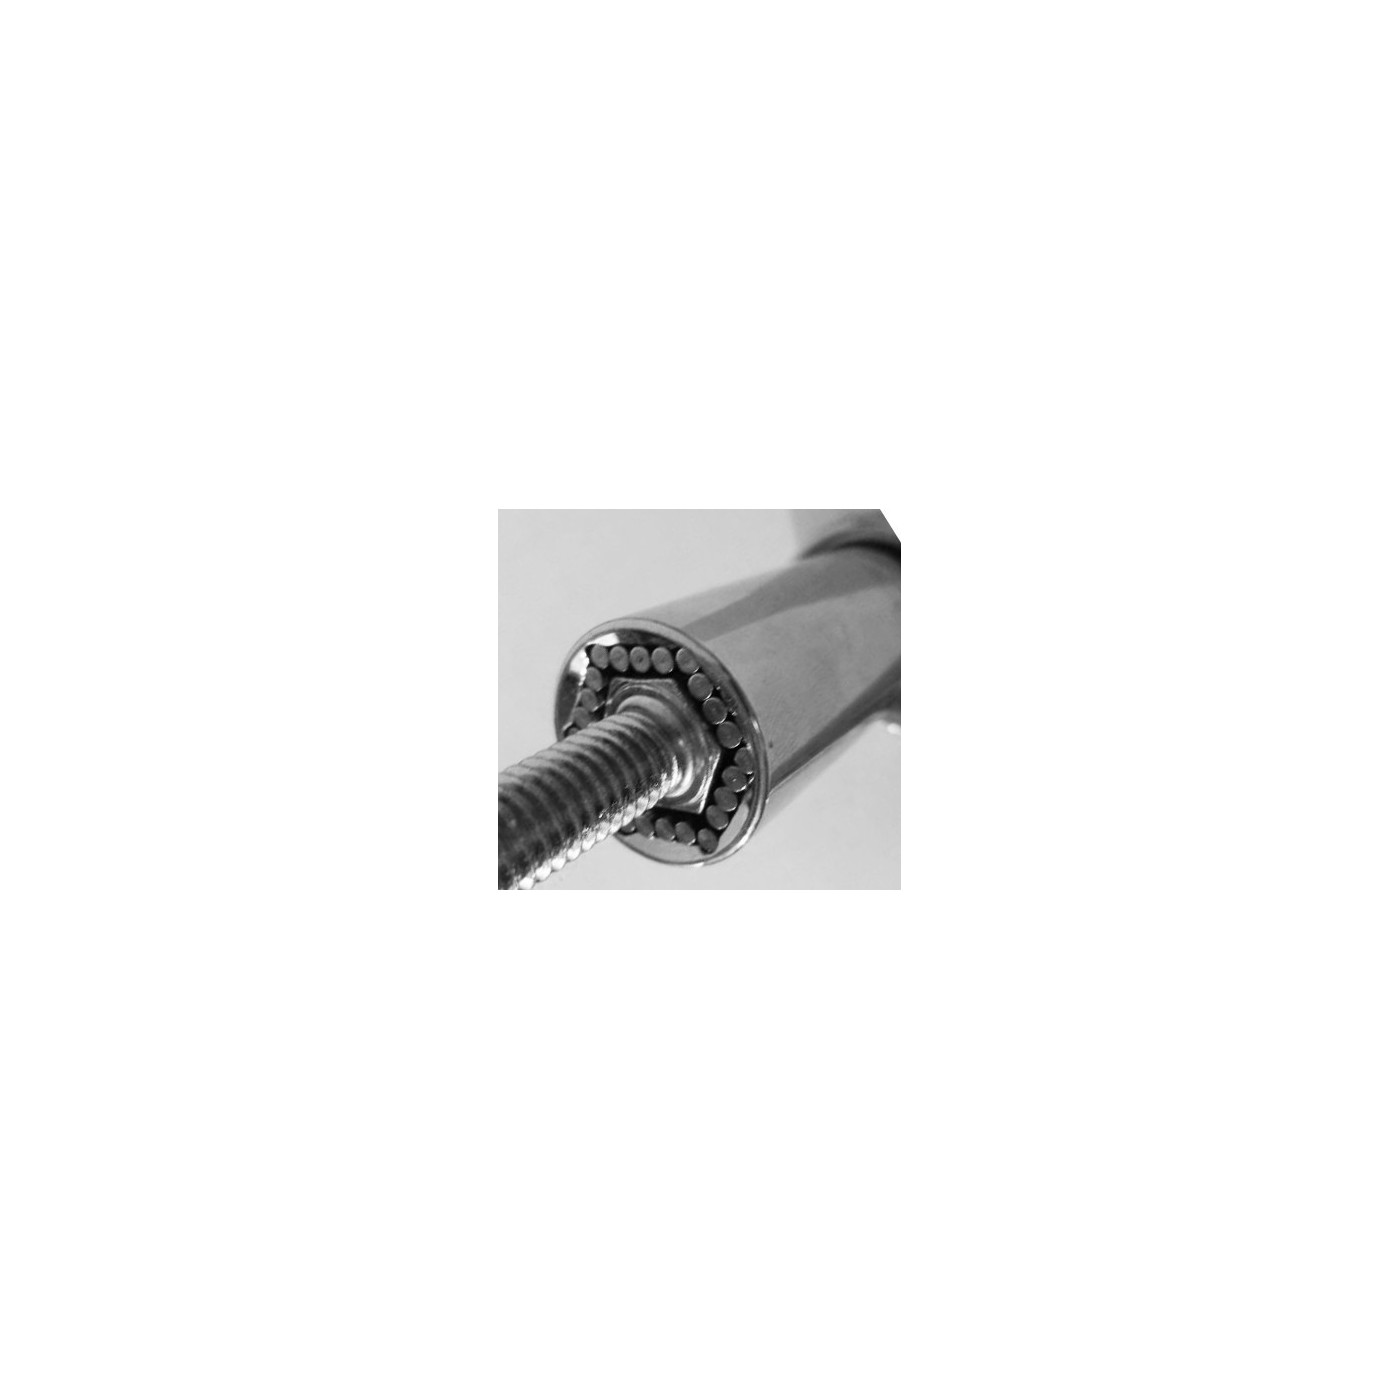 Gatorgriff MITTEL, Universal-Steckschlüssel 9-27 mm  - 1